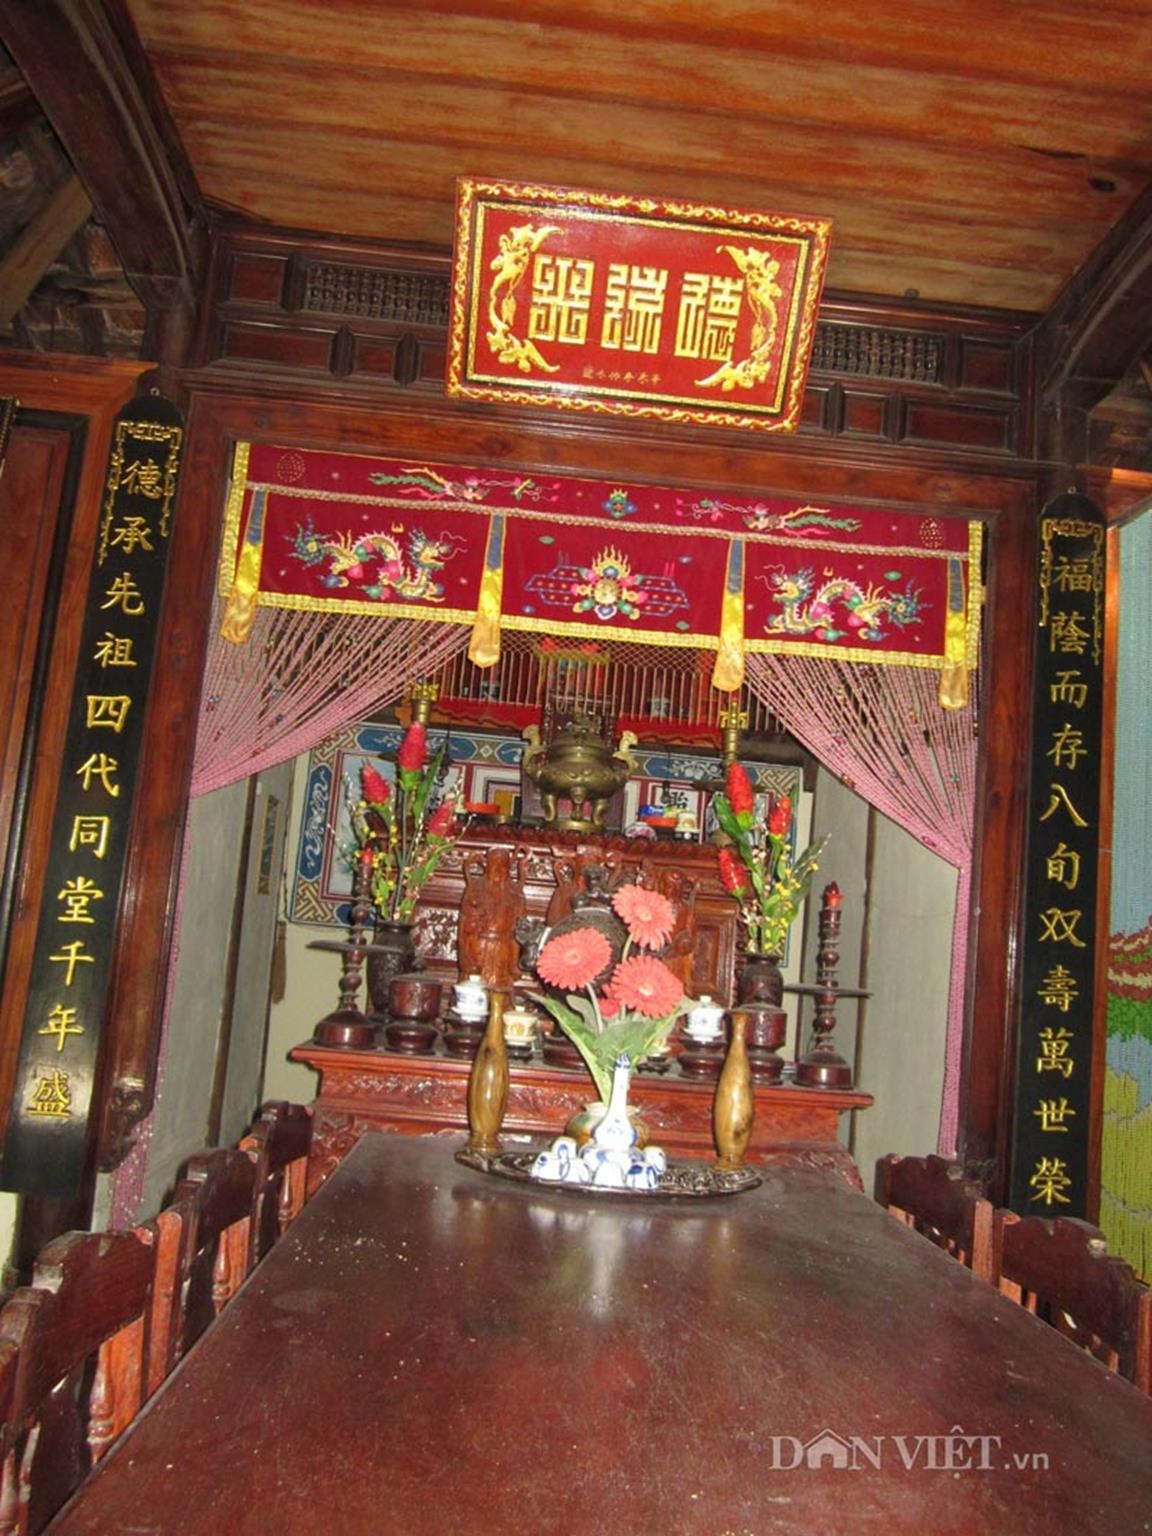 Nơi thờ tự được thiết kế khá cầu kì, nổi bật nét trang trọng.